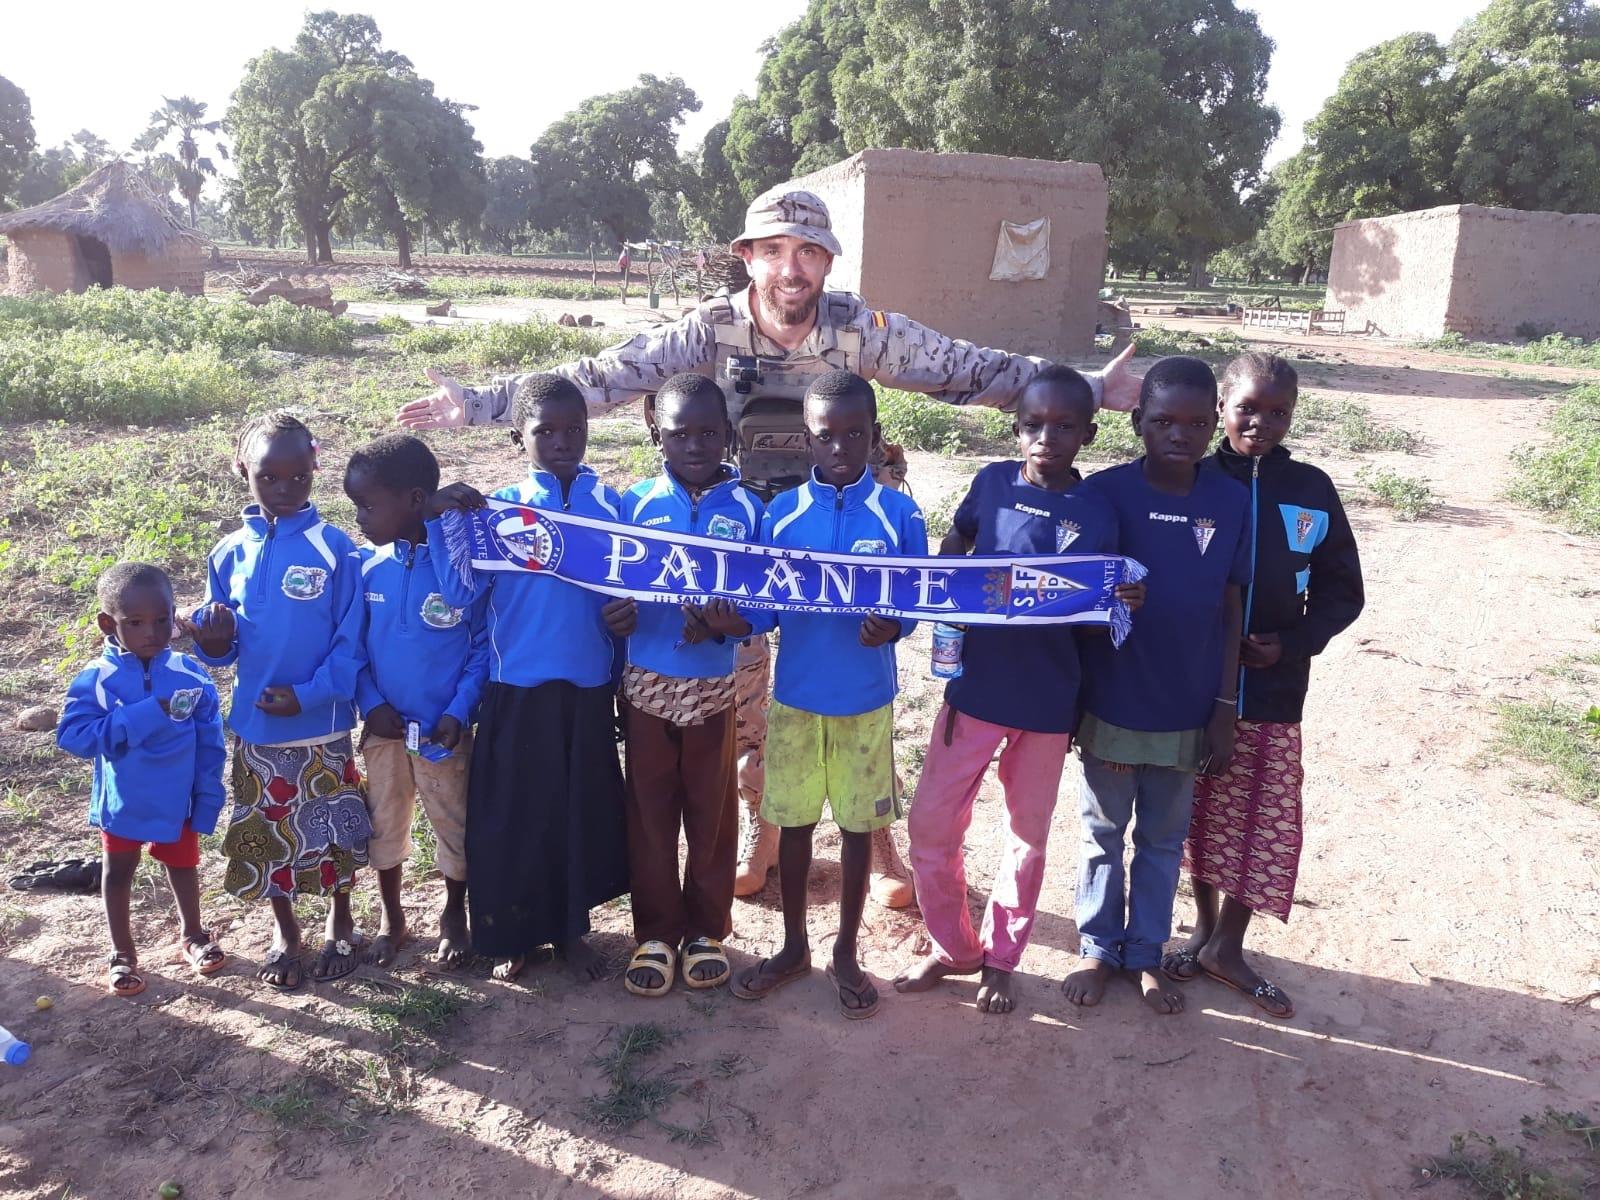 Niños de Mali vestidos con la equipación del equipo